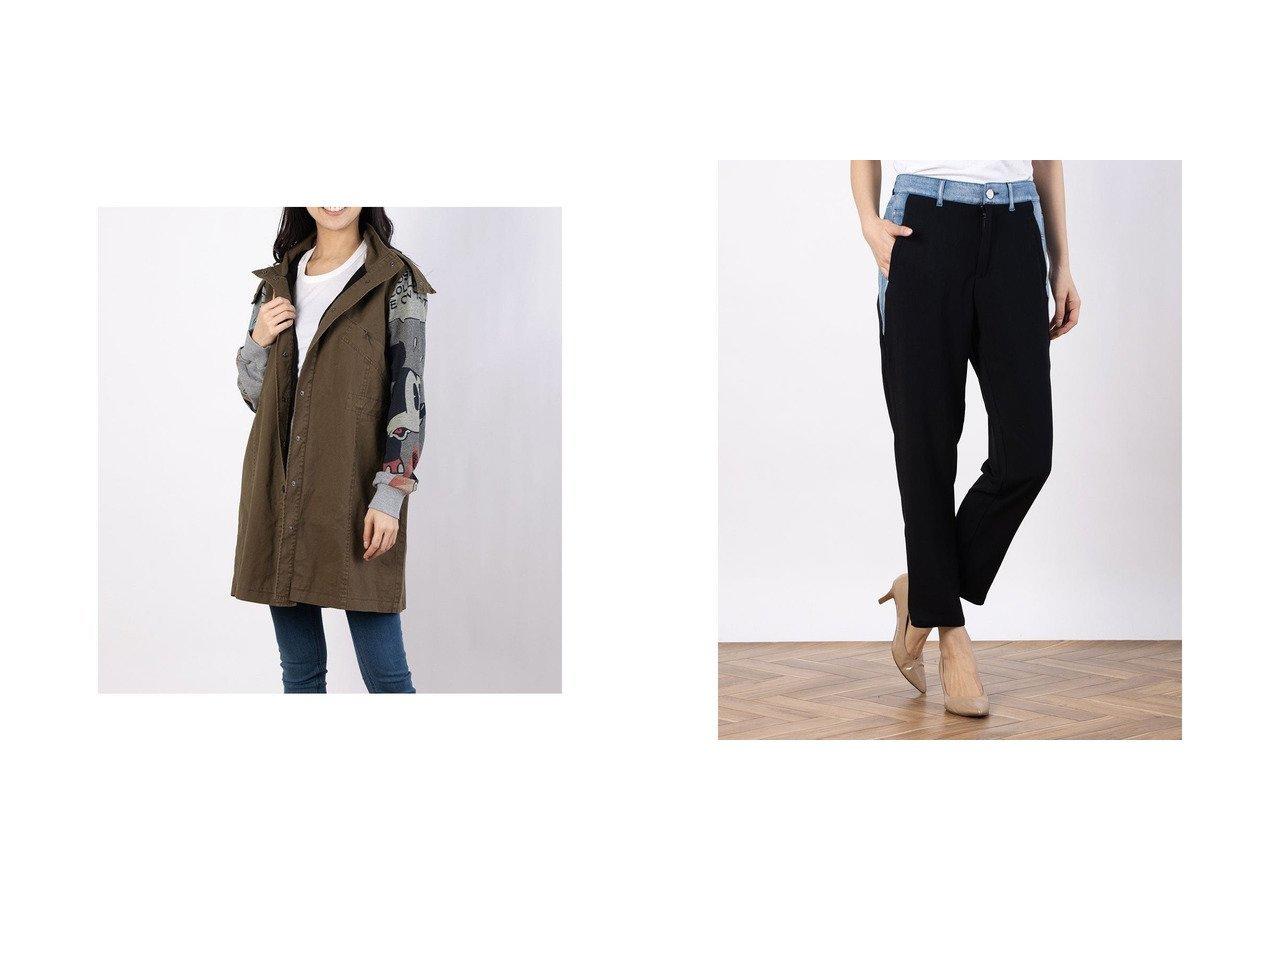 【Desigual/デシグアル】のパーカー MICKEY&長パンツ CAMERON Desigualのおすすめ!人気、トレンド・レディースファッションの通販 おすすめで人気の流行・トレンド、ファッションの通販商品 メンズファッション・キッズファッション・インテリア・家具・レディースファッション・服の通販 founy(ファニー) https://founy.com/ ファッション Fashion レディースファッション WOMEN トップス Tops Tshirt パーカ Sweats パンツ Pants 2021年 2021 2021 春夏 S/S SS Spring/Summer 2021 S/S 春夏 SS Spring/Summer パーカー プリント ミリタリー 春 Spring |ID:crp329100000019764